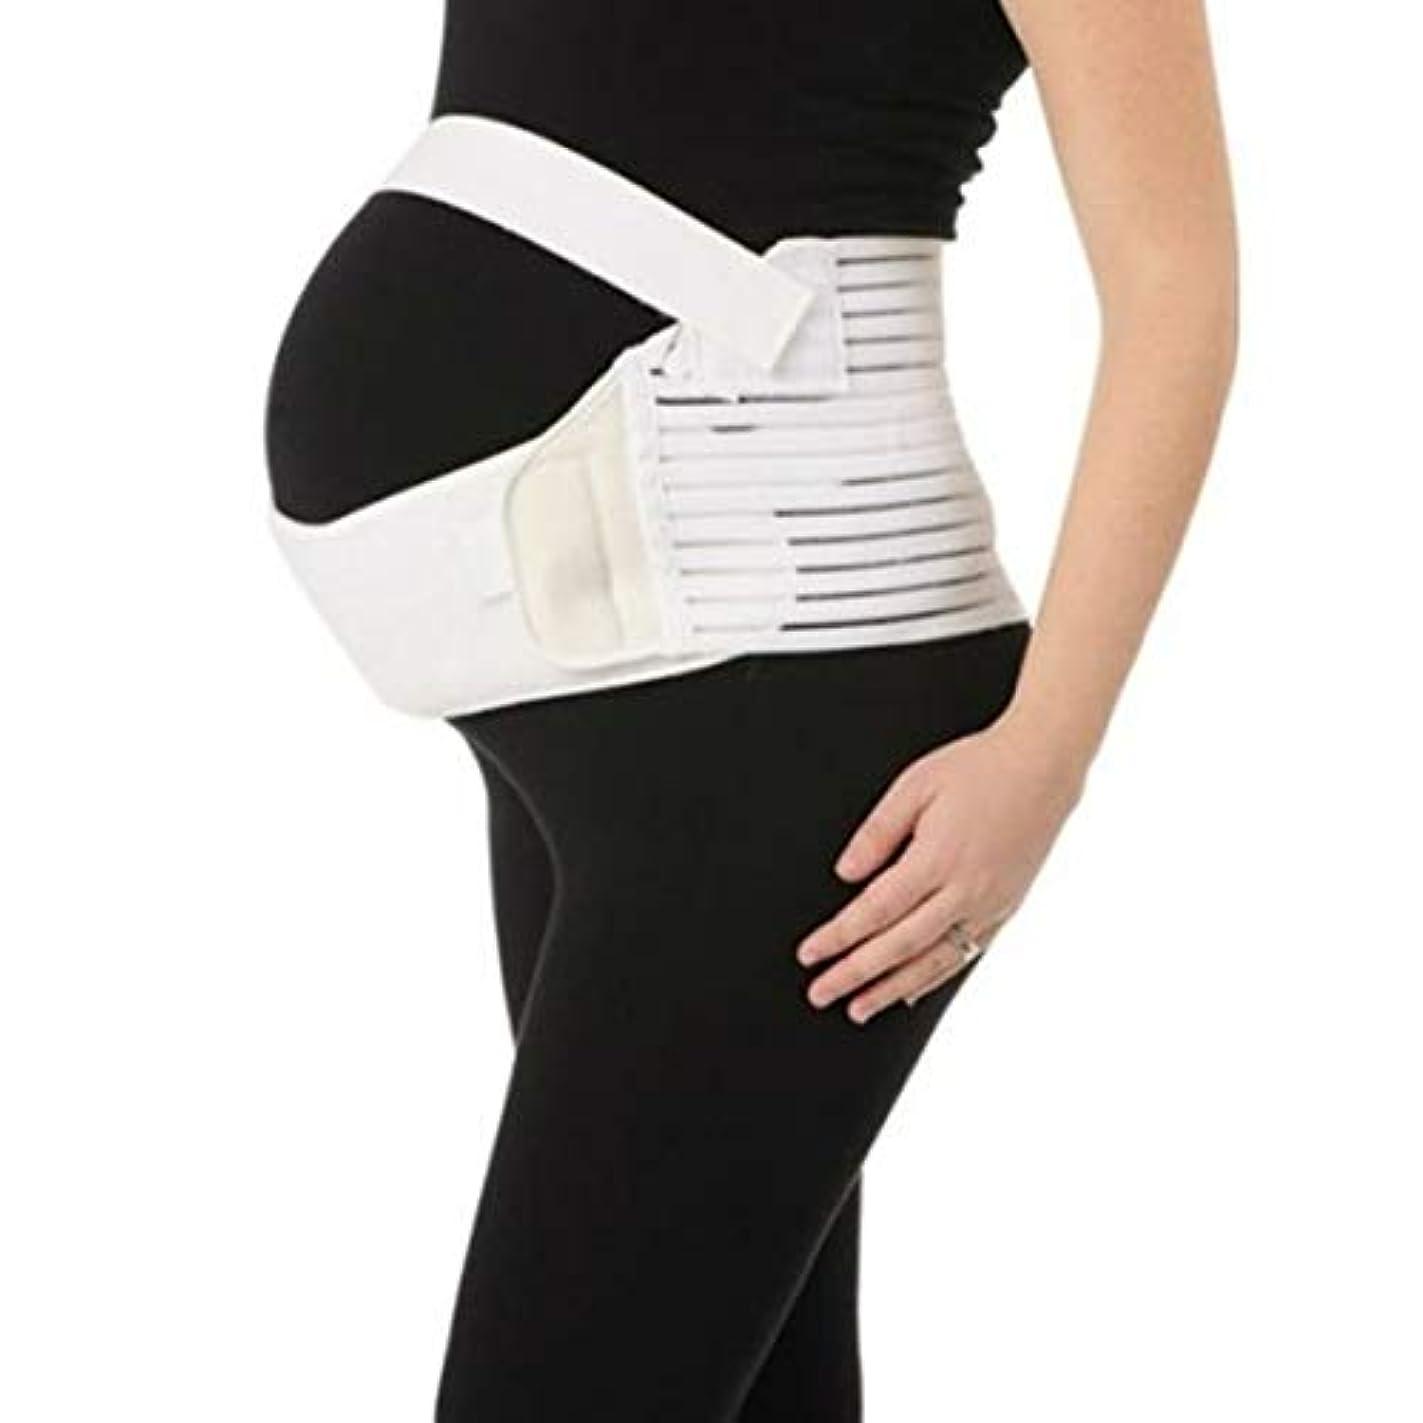 扱いやすい暴徒予防接種する通気性マタニティベルト妊娠腹部サポート腹部バインダーガードル運動包帯産後回復形状ウェア - ホワイトXL